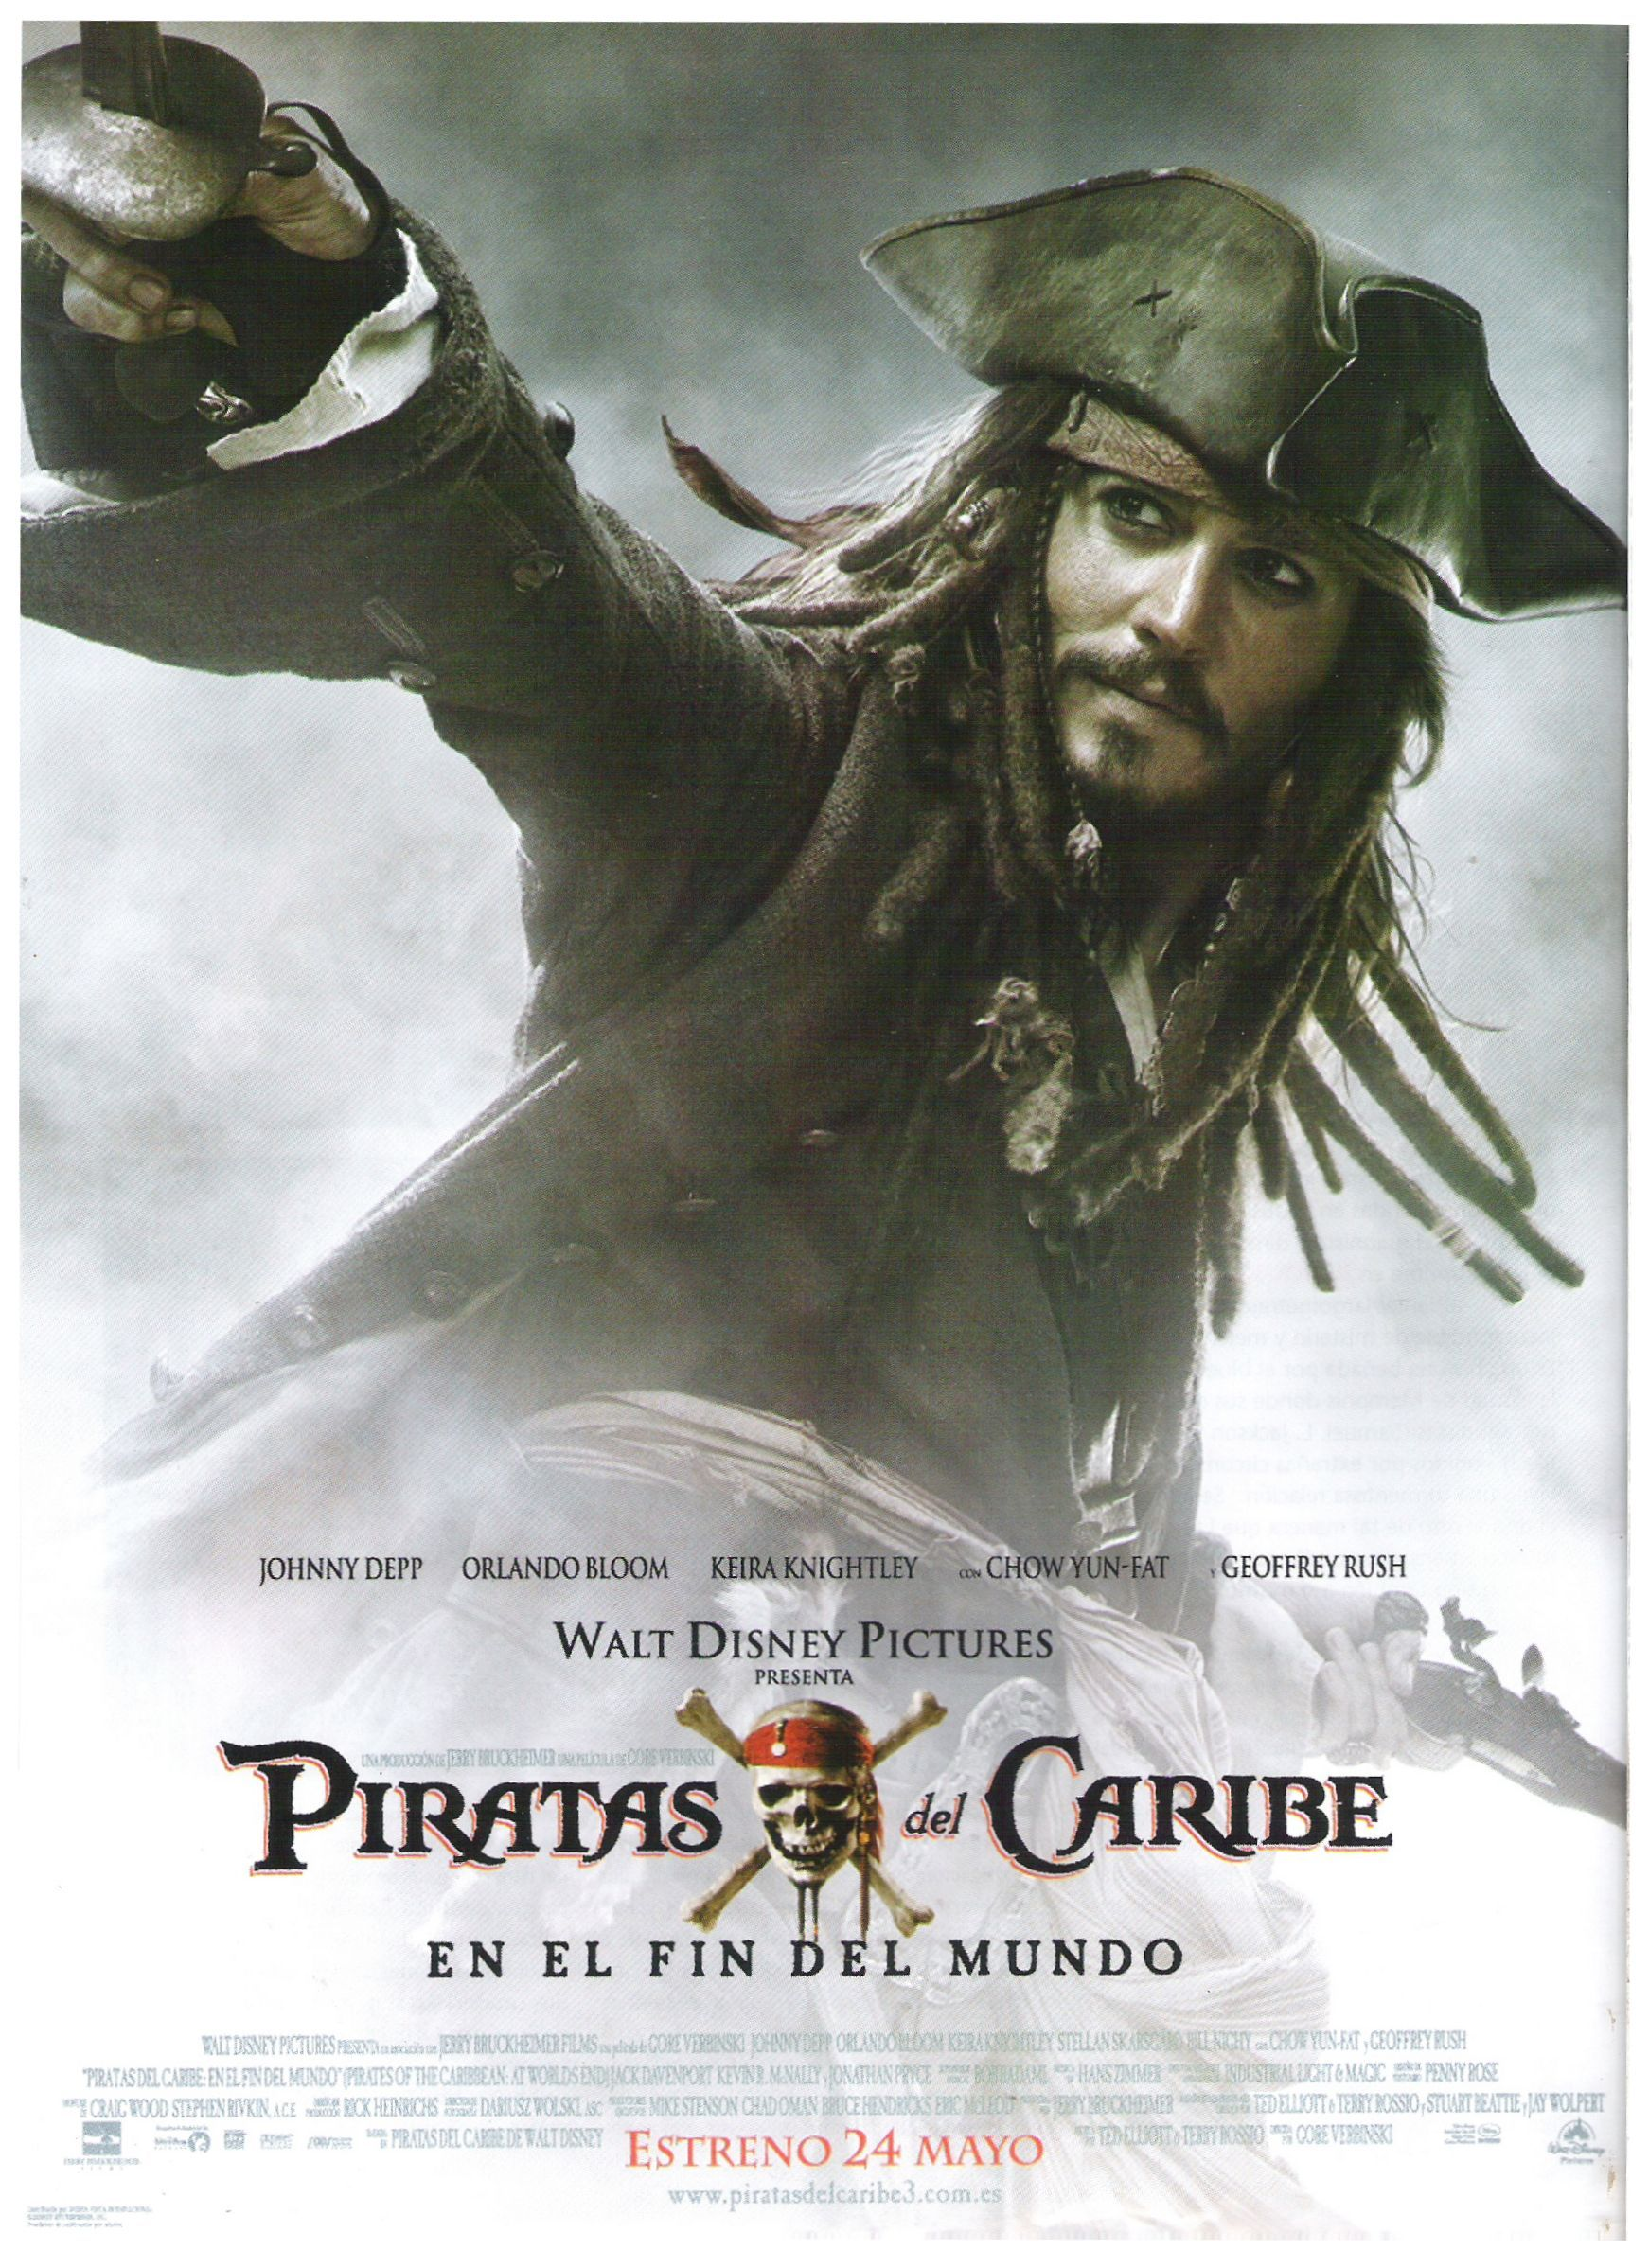 Piratas del Caribe 3 | movieshdkiss